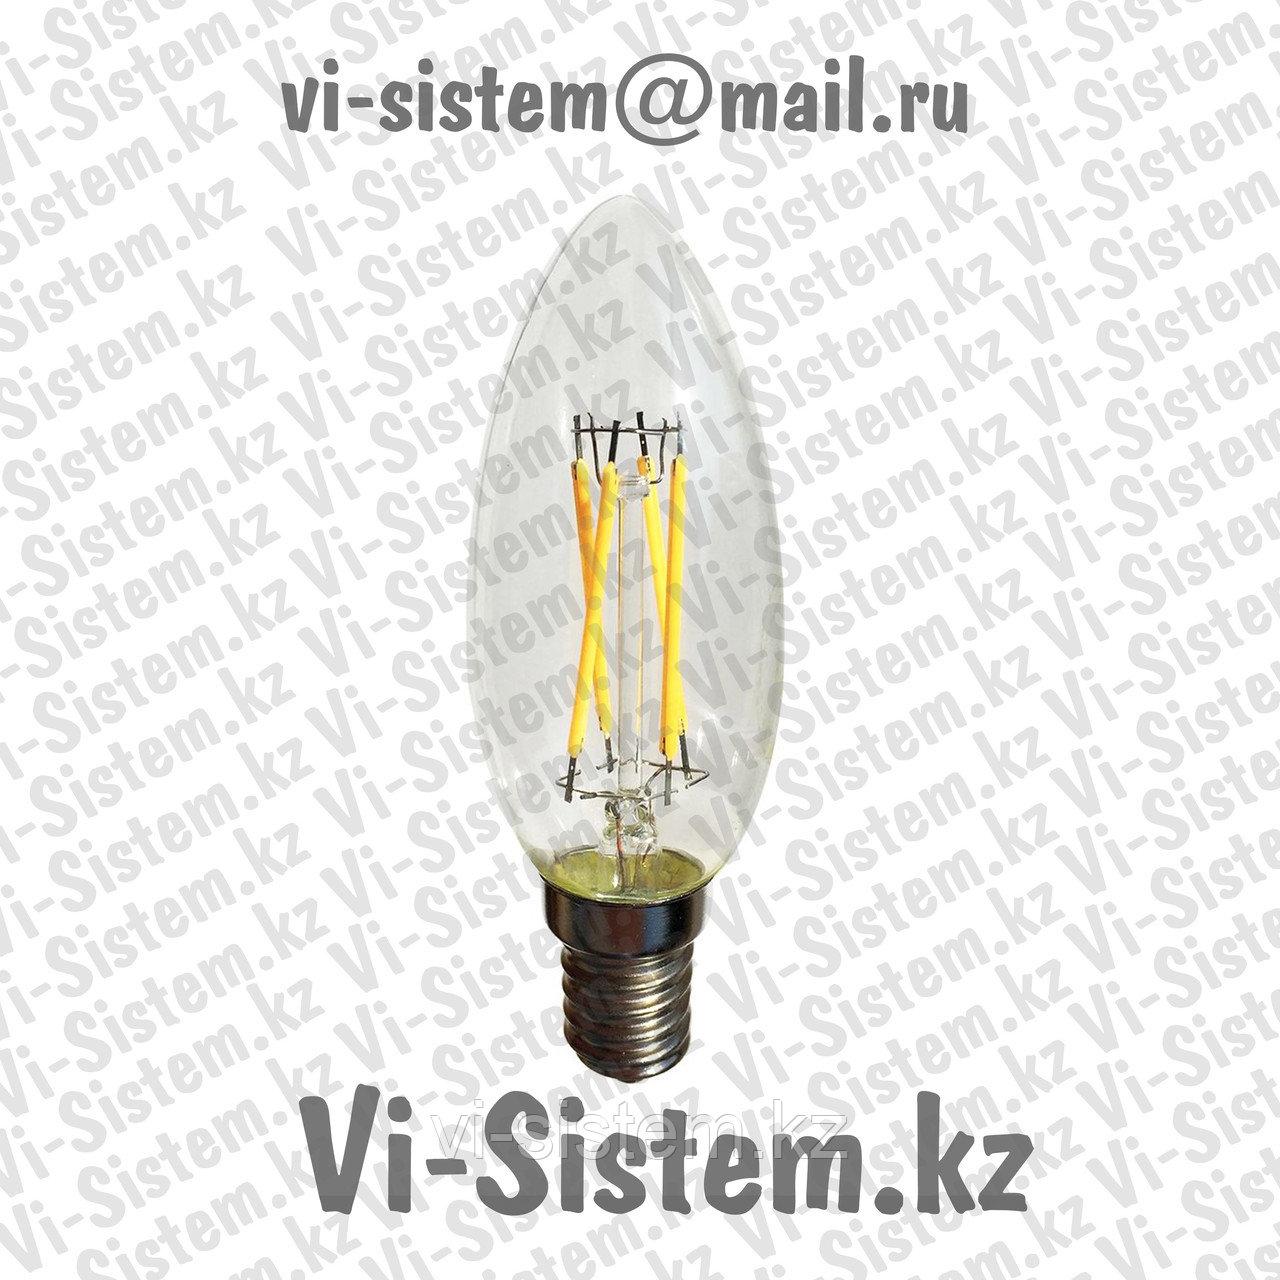 Светодиодная лампа накаливания 4W E14 6400K